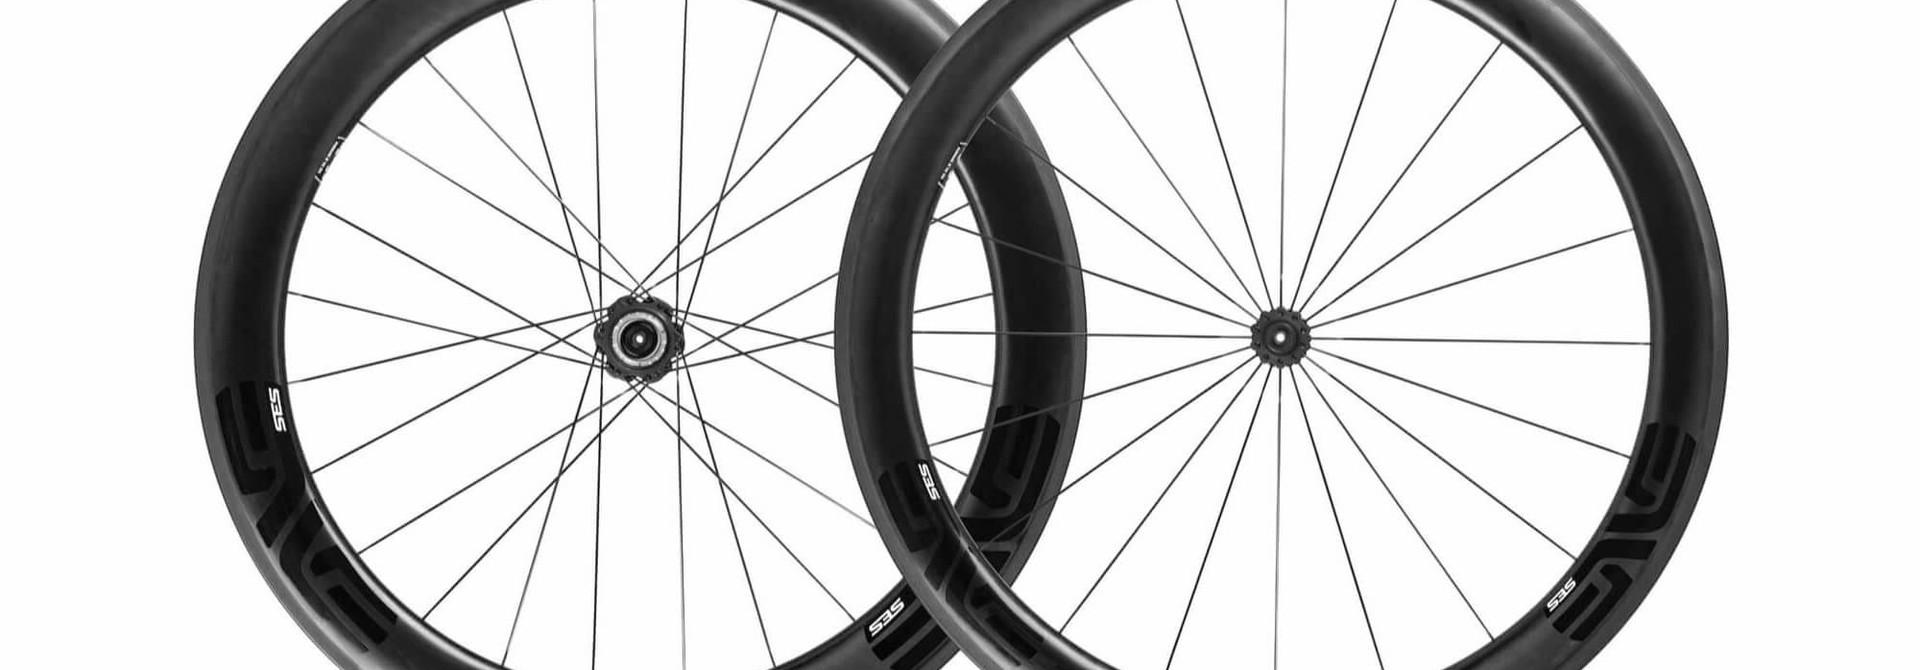 SES 5.6C Wheelset